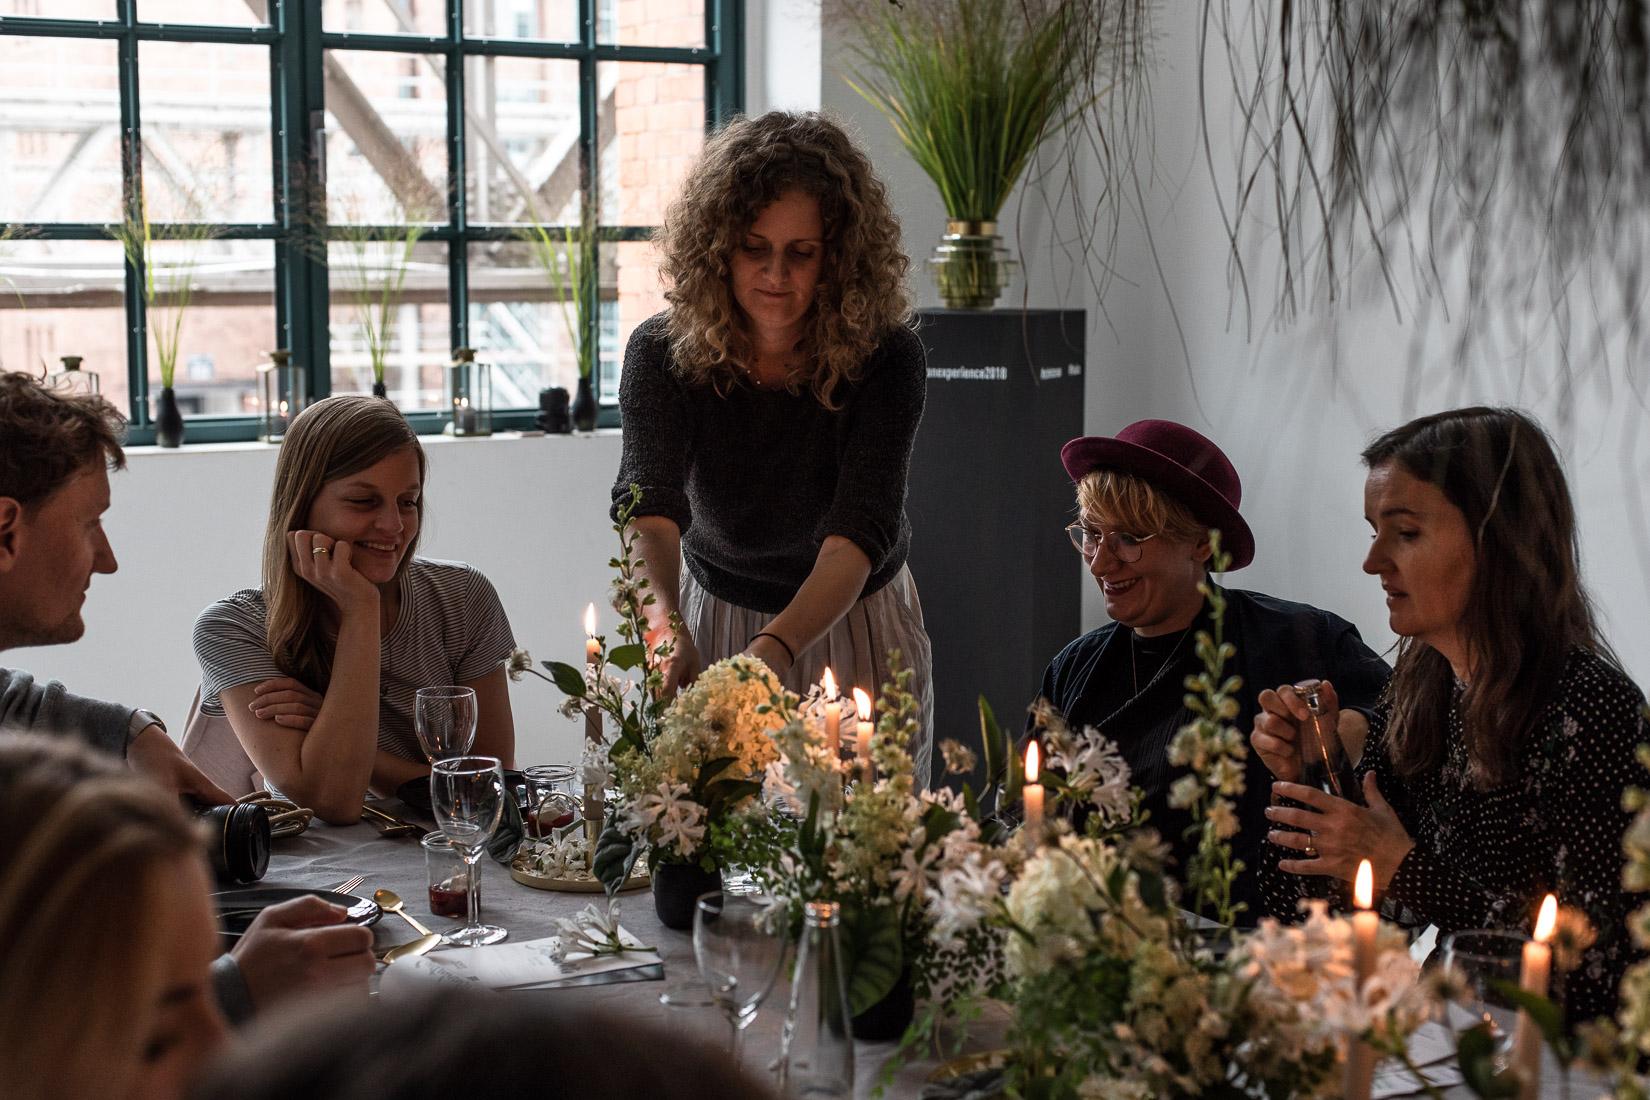 Sister Mag and Schott Ceran FUSICS event